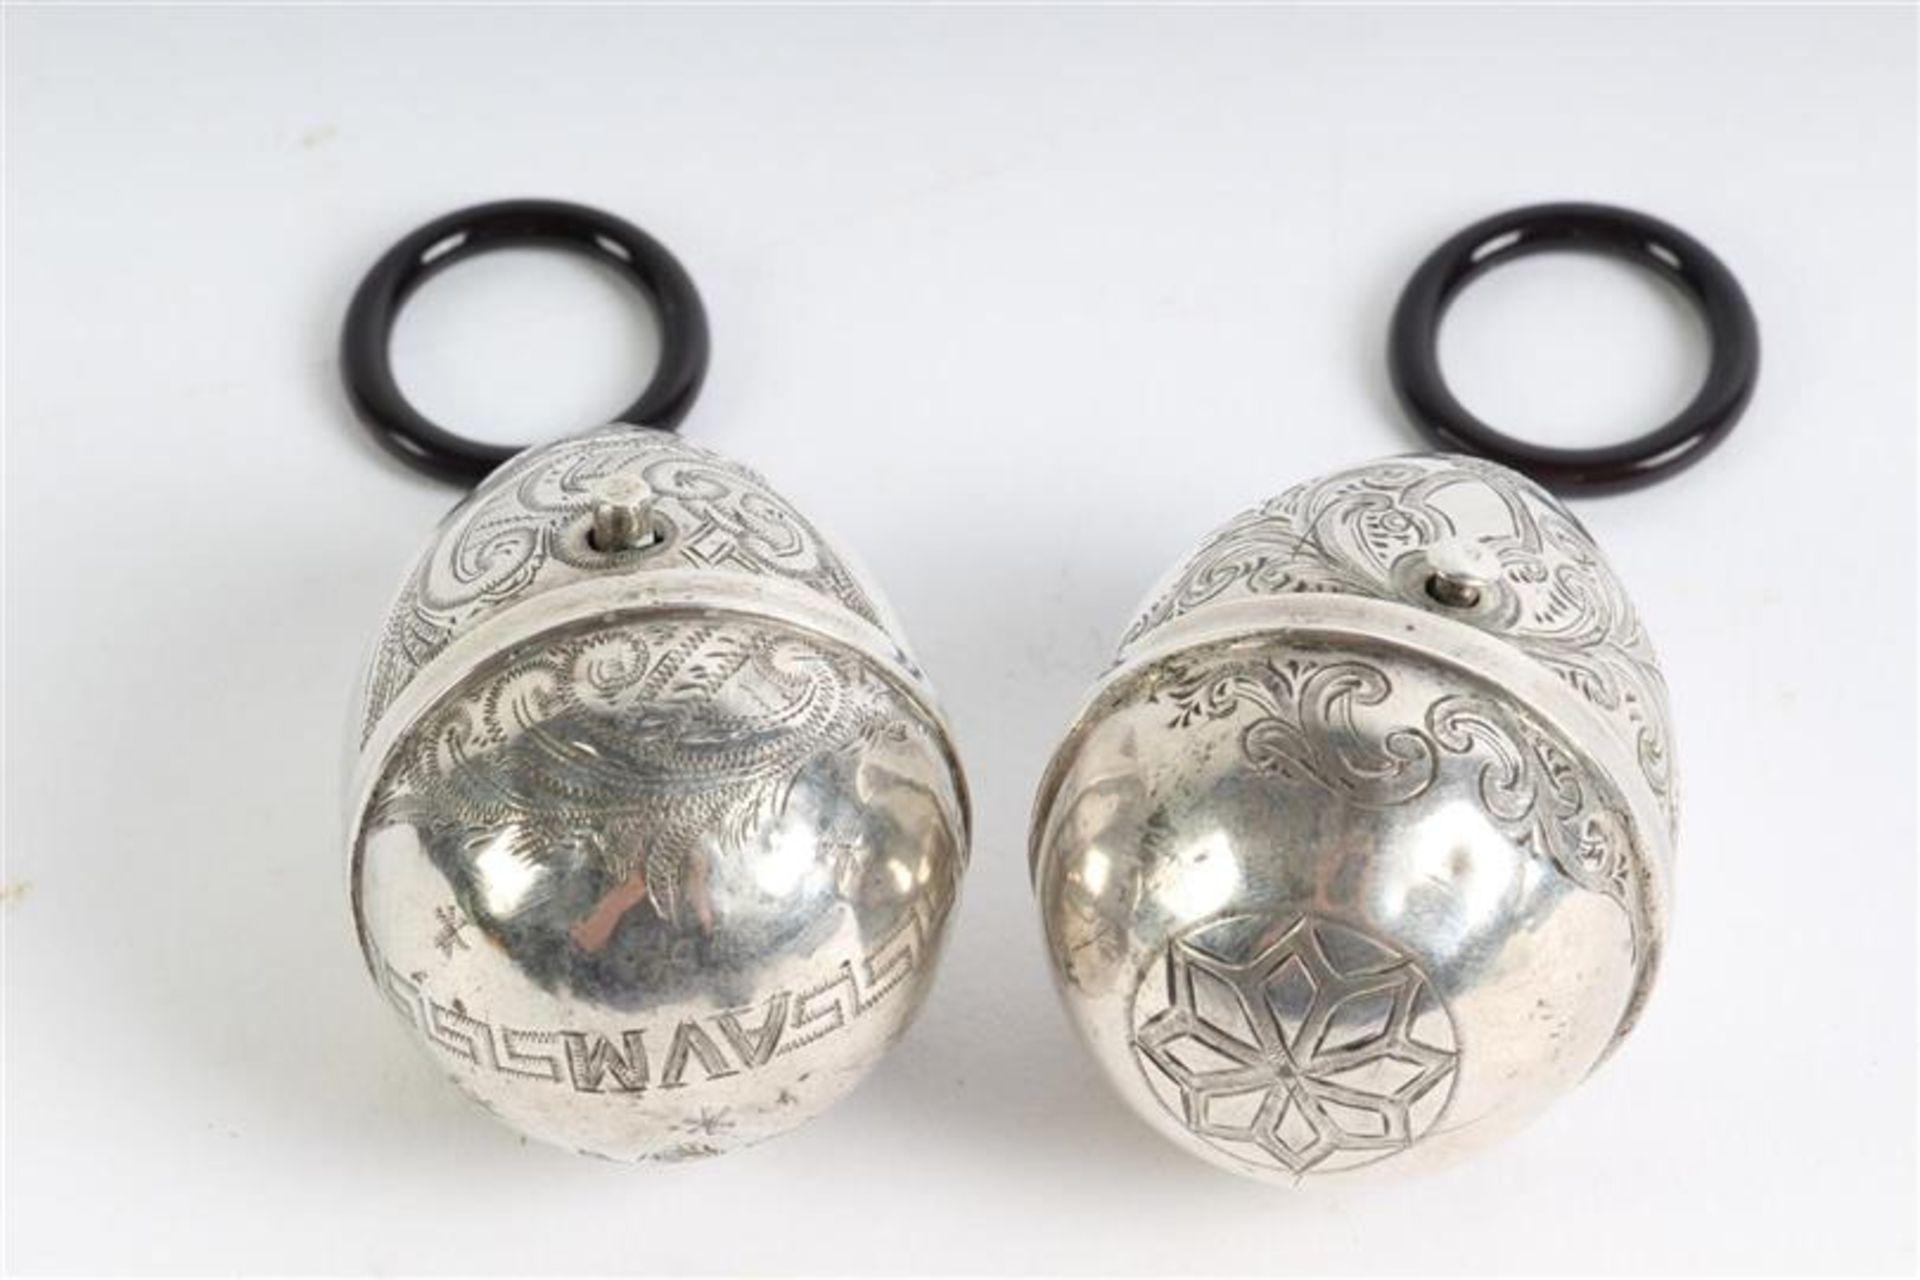 Twee eiervormige zilveren doosjes. H: 4.7 cm. - Bild 4 aus 5